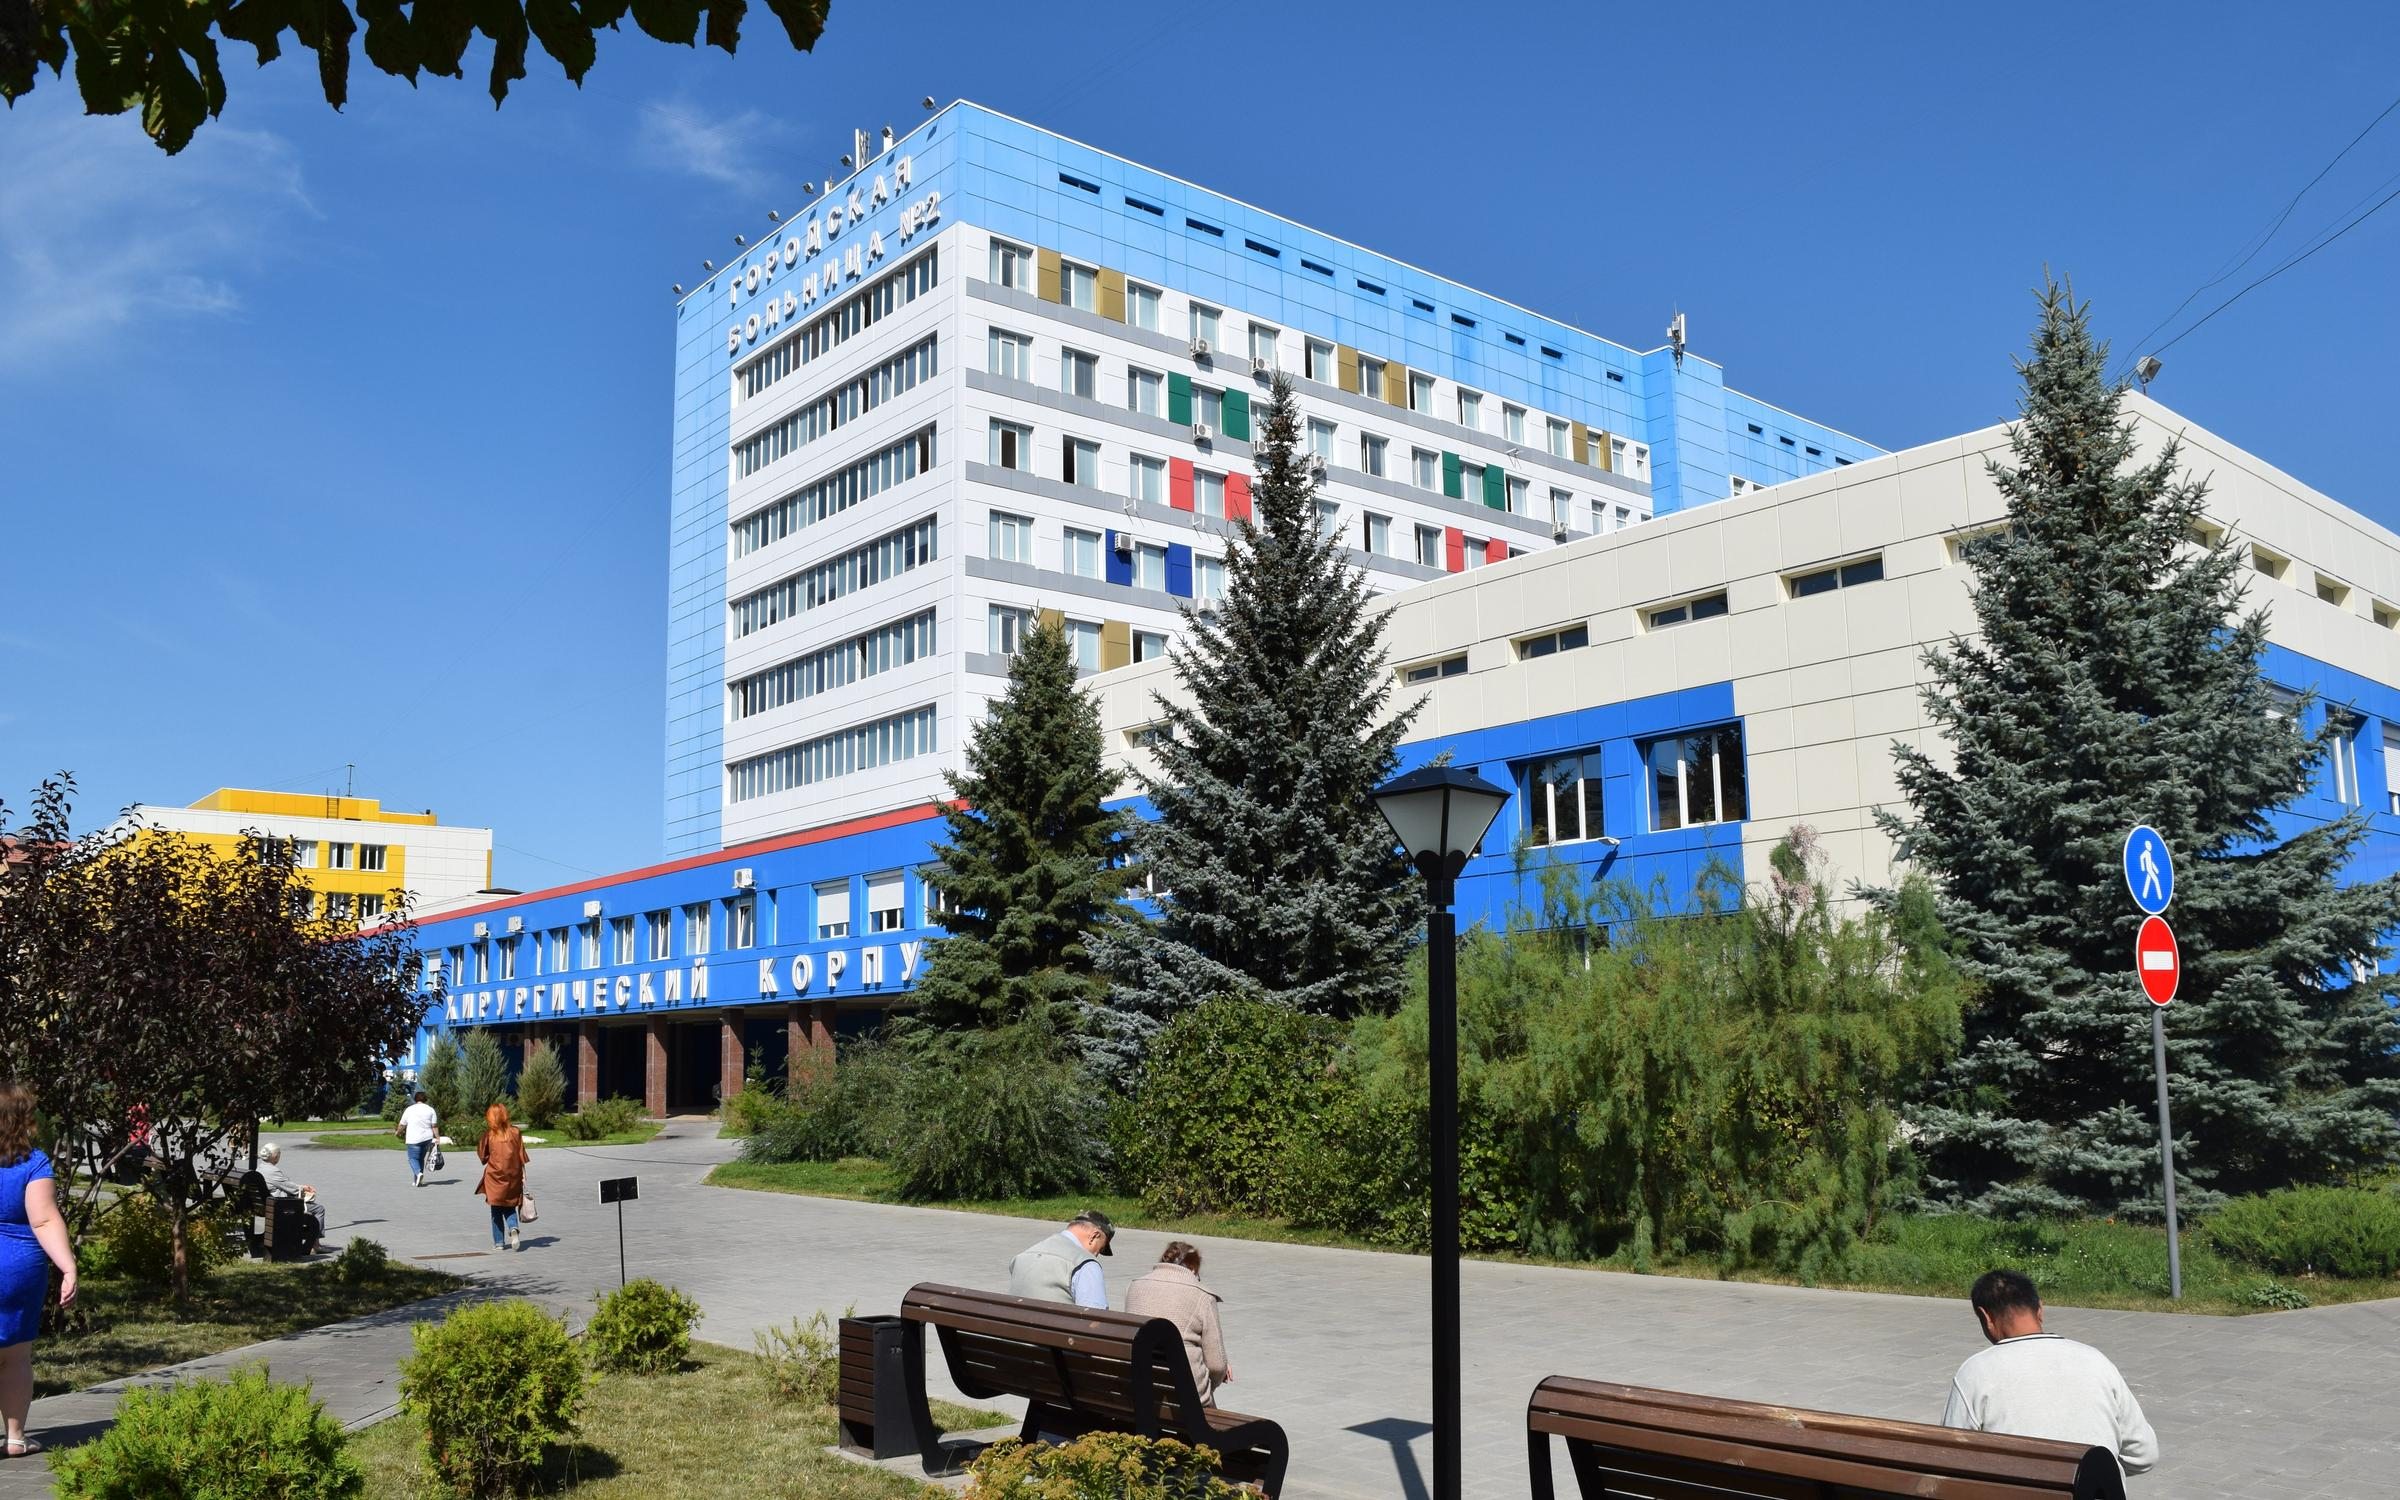 фотография Городской больницы №2  на улице Губкина, 46 к 1